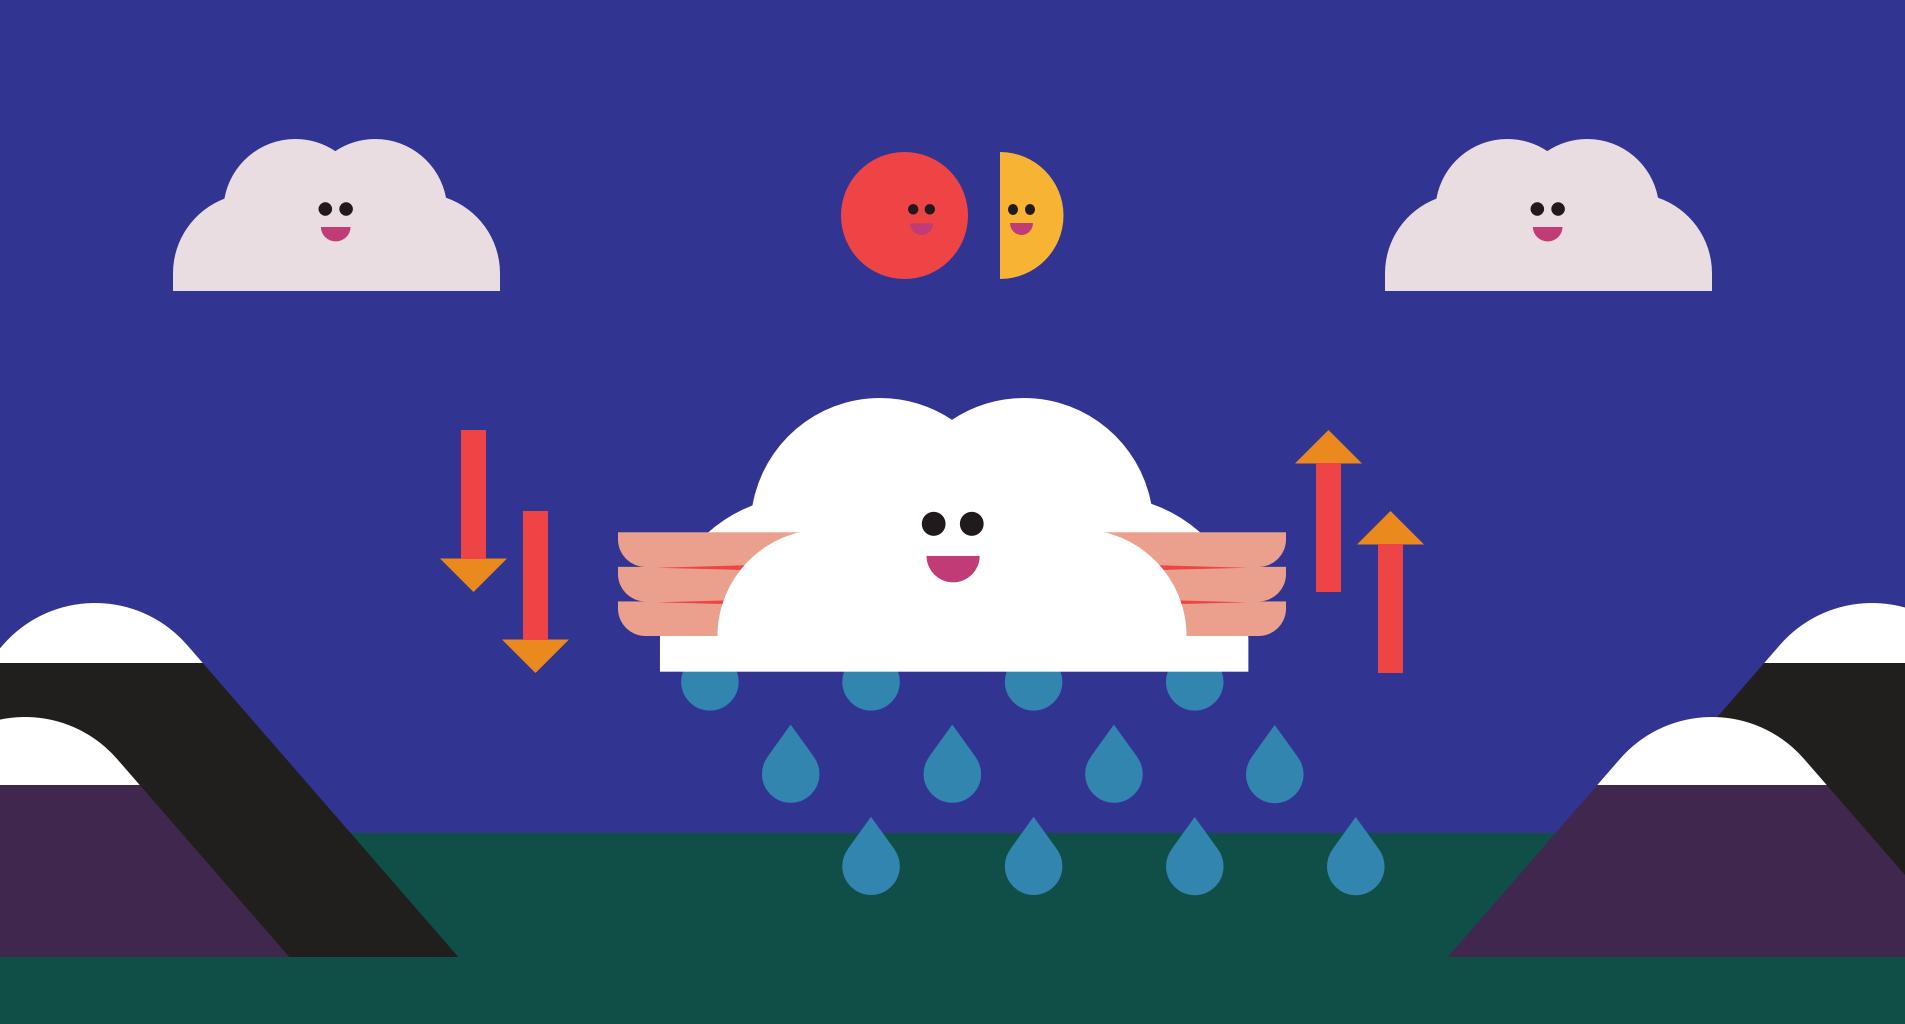 二球岛 | 极简故事 | 有翅膀的云彩怪兽